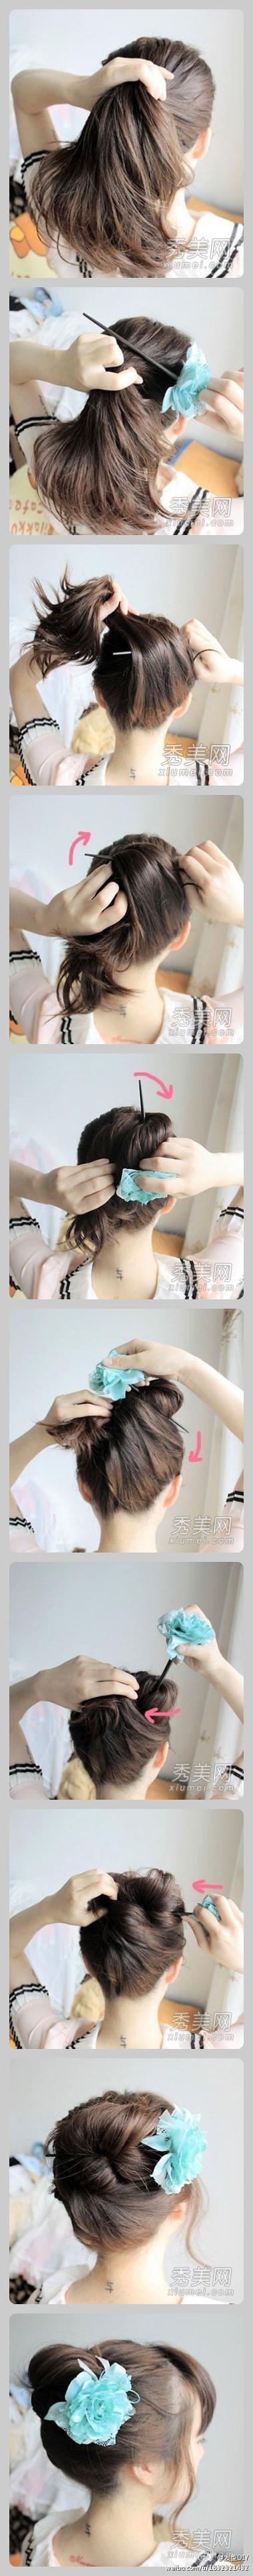 Японские прически для девушек своими руками фото